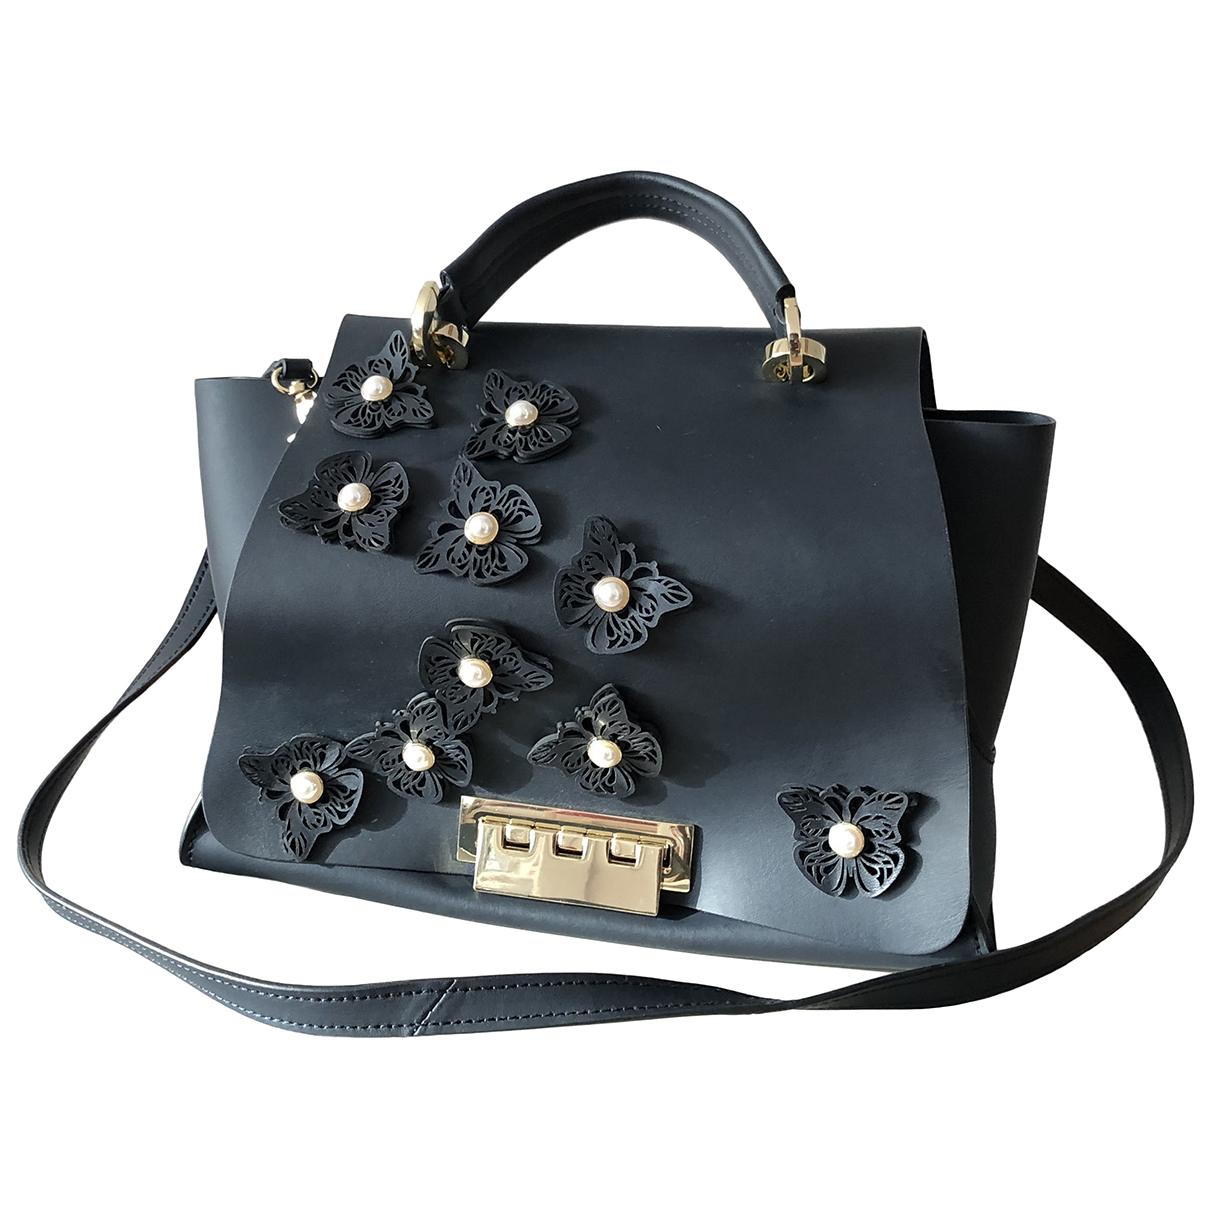 Zac Posen \N Navy Leather handbag for Women \N